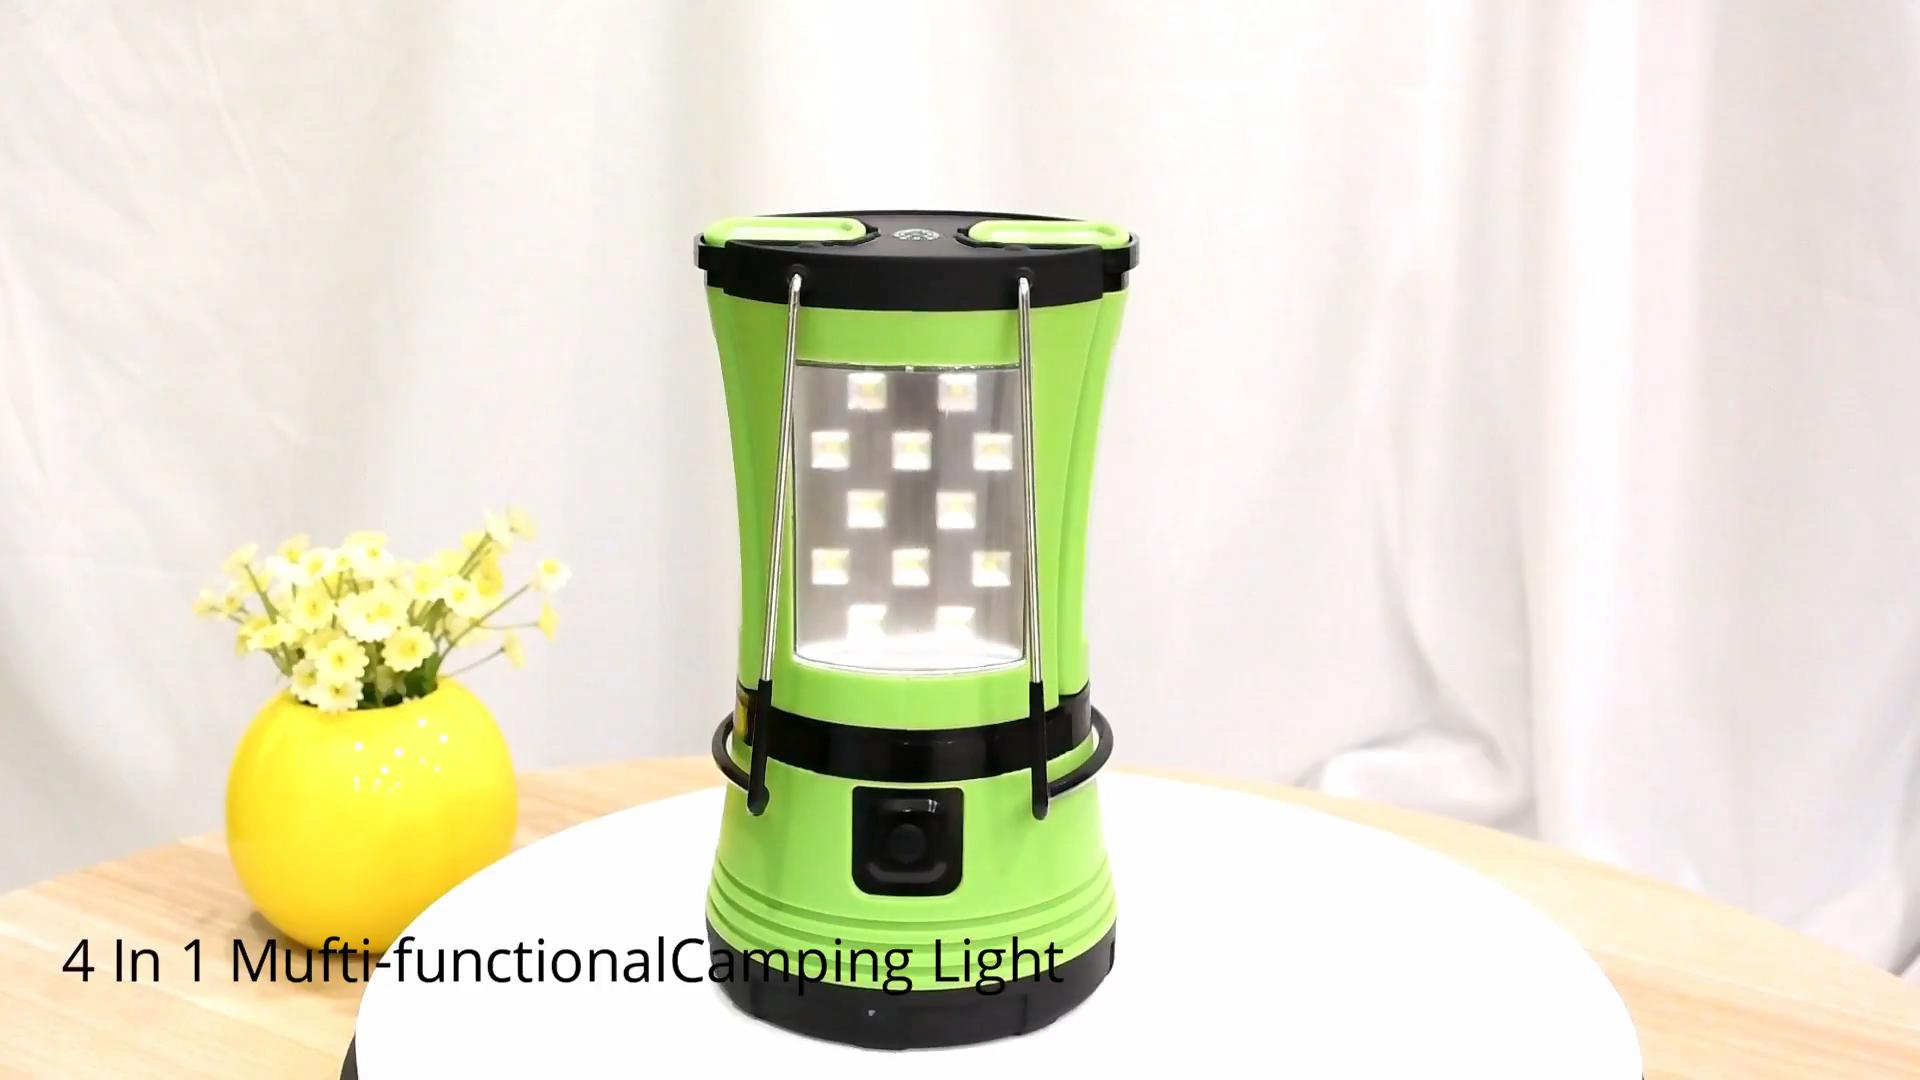 Şarj edilebilir kamp feneri, su geçirmez taşınabilir plastik acil açık şarj edilebilir LED kamp Led lamba fener ışıkları